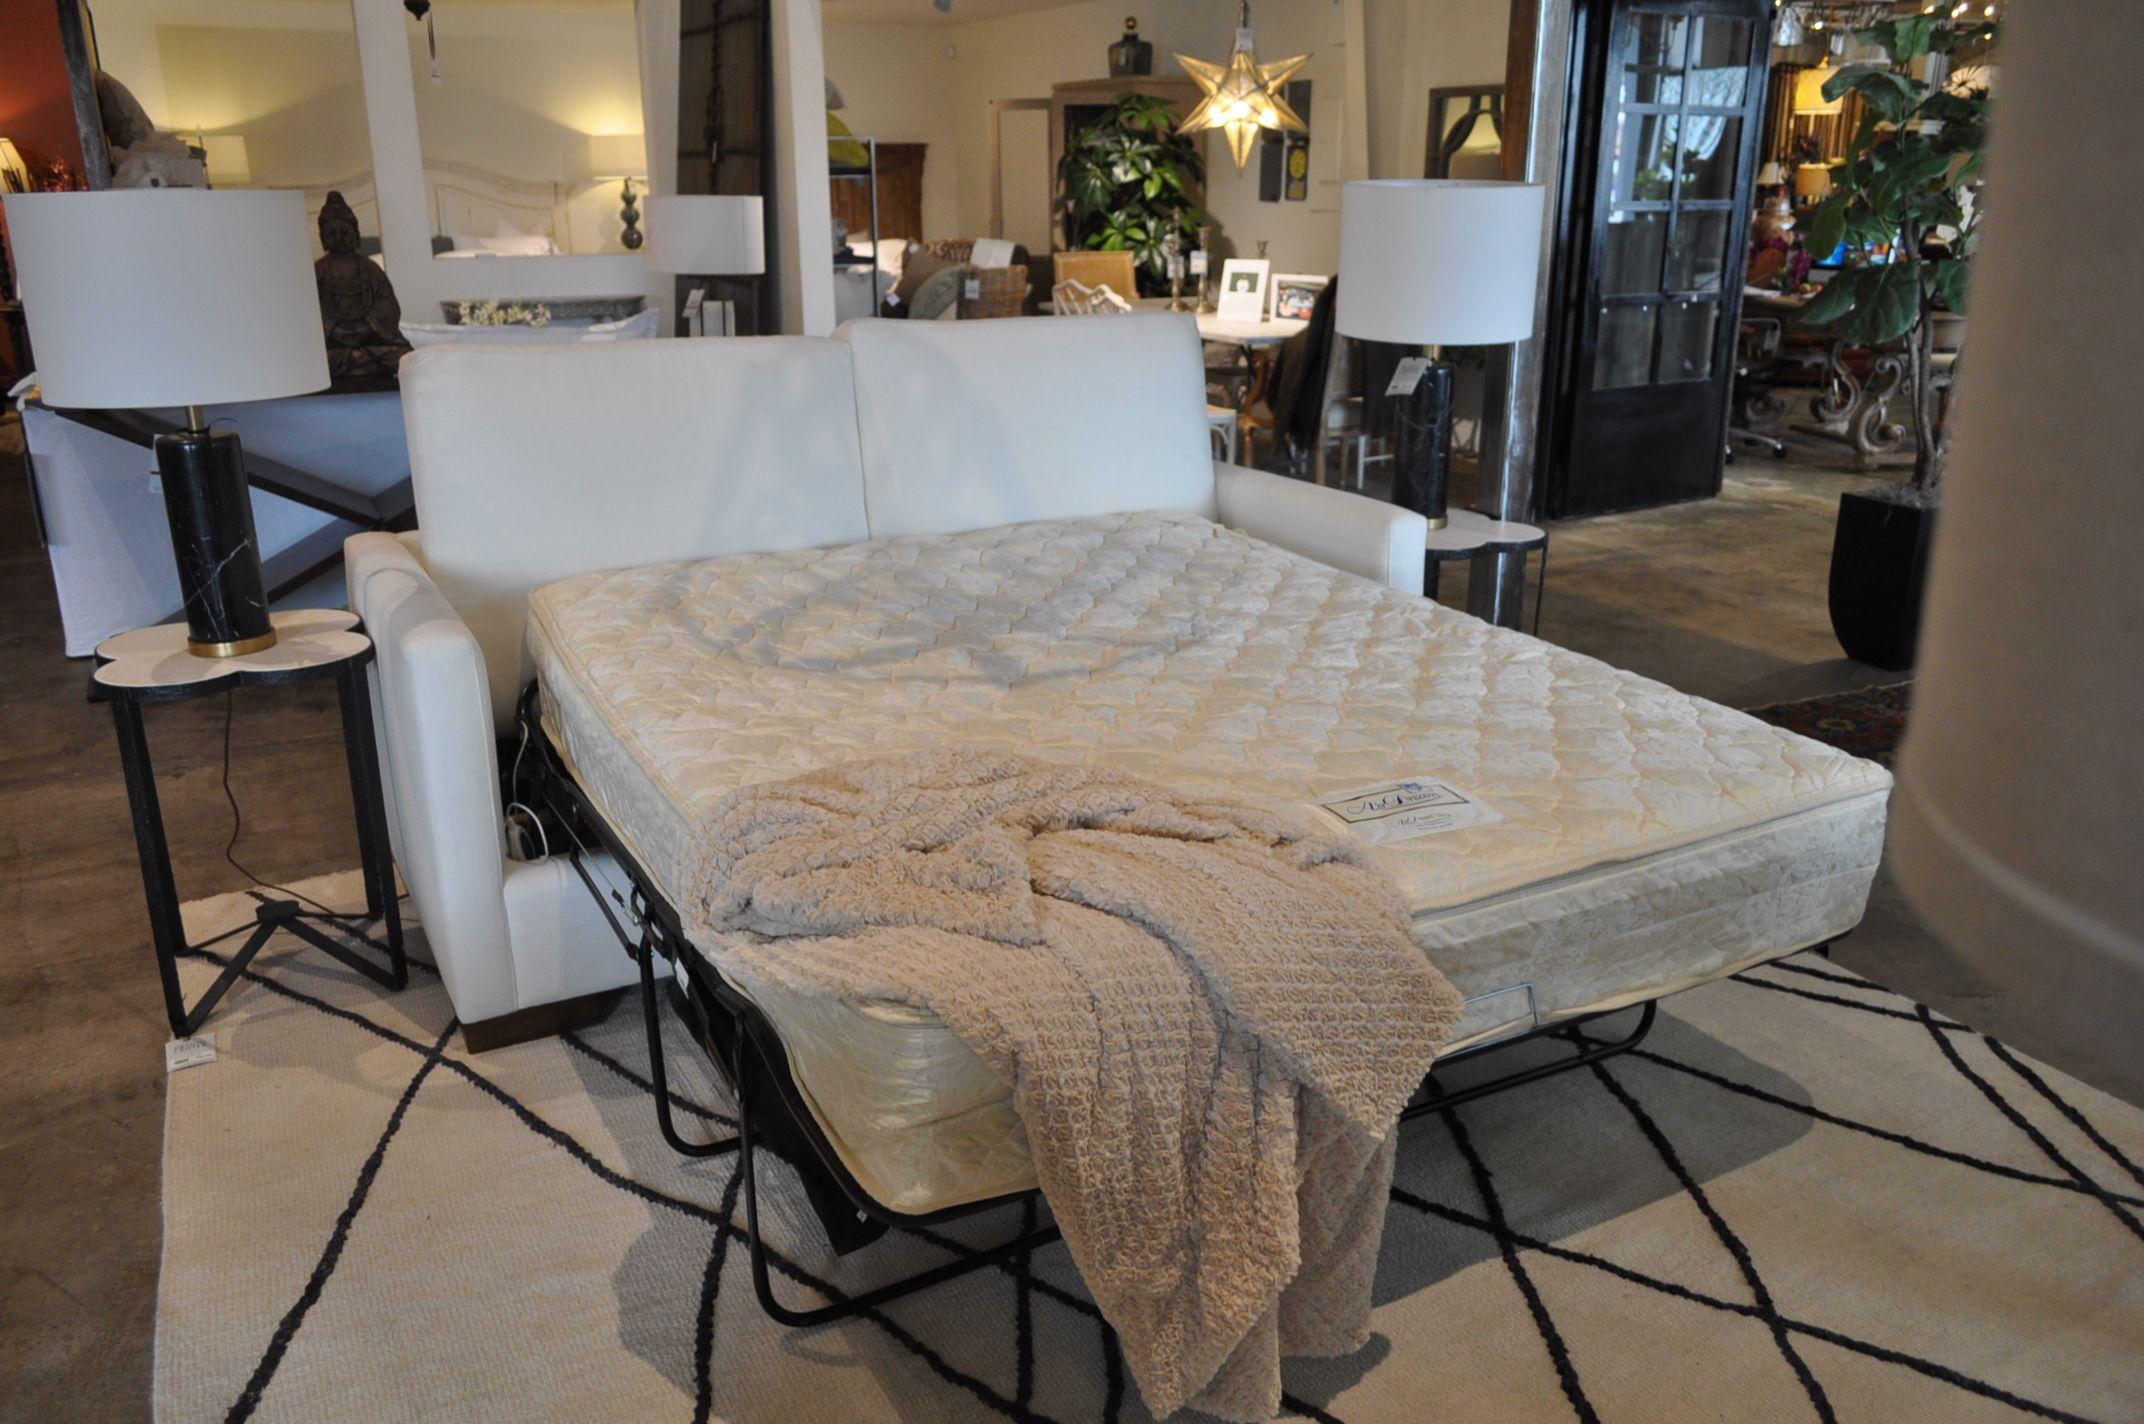 queen air dream sleeper sofa replacement mattress by air dream air